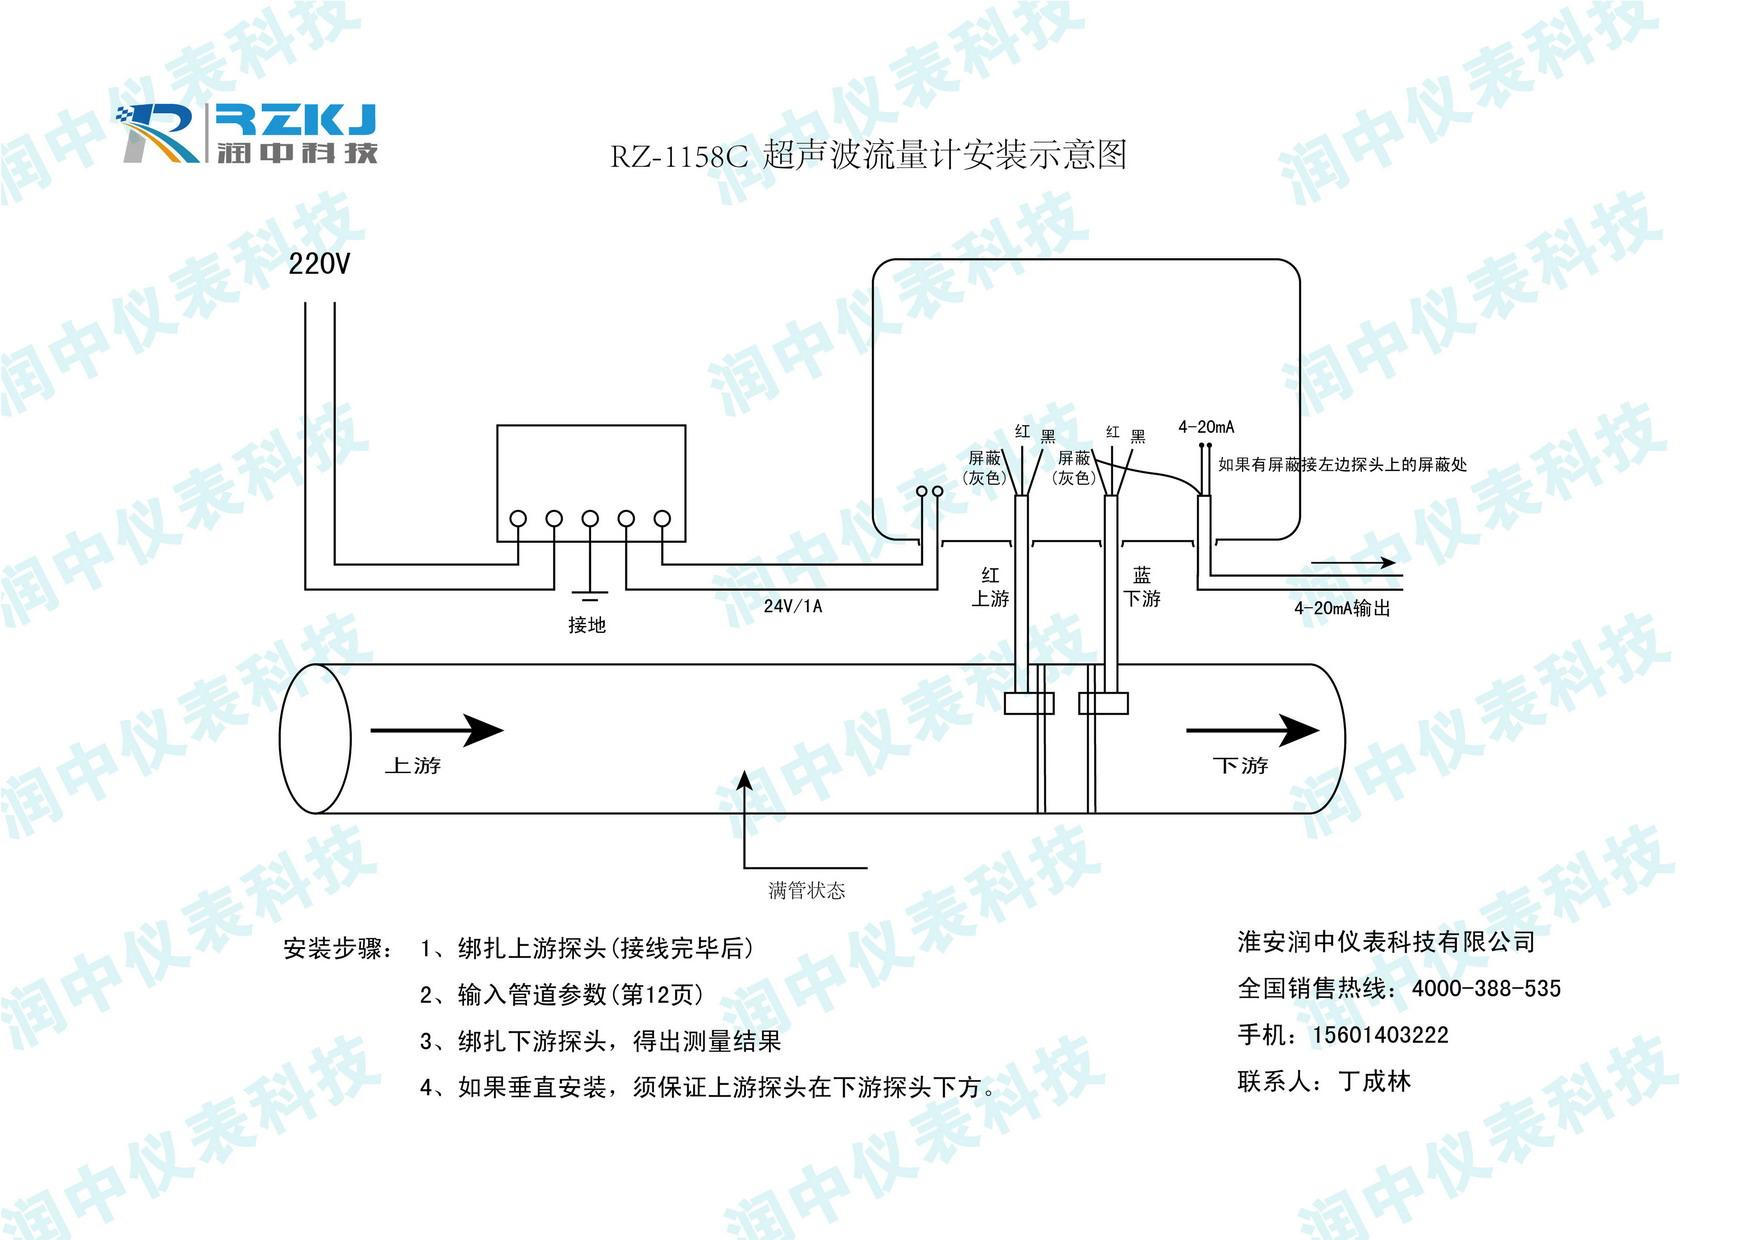 超声波流量计变送器电气连接,如图